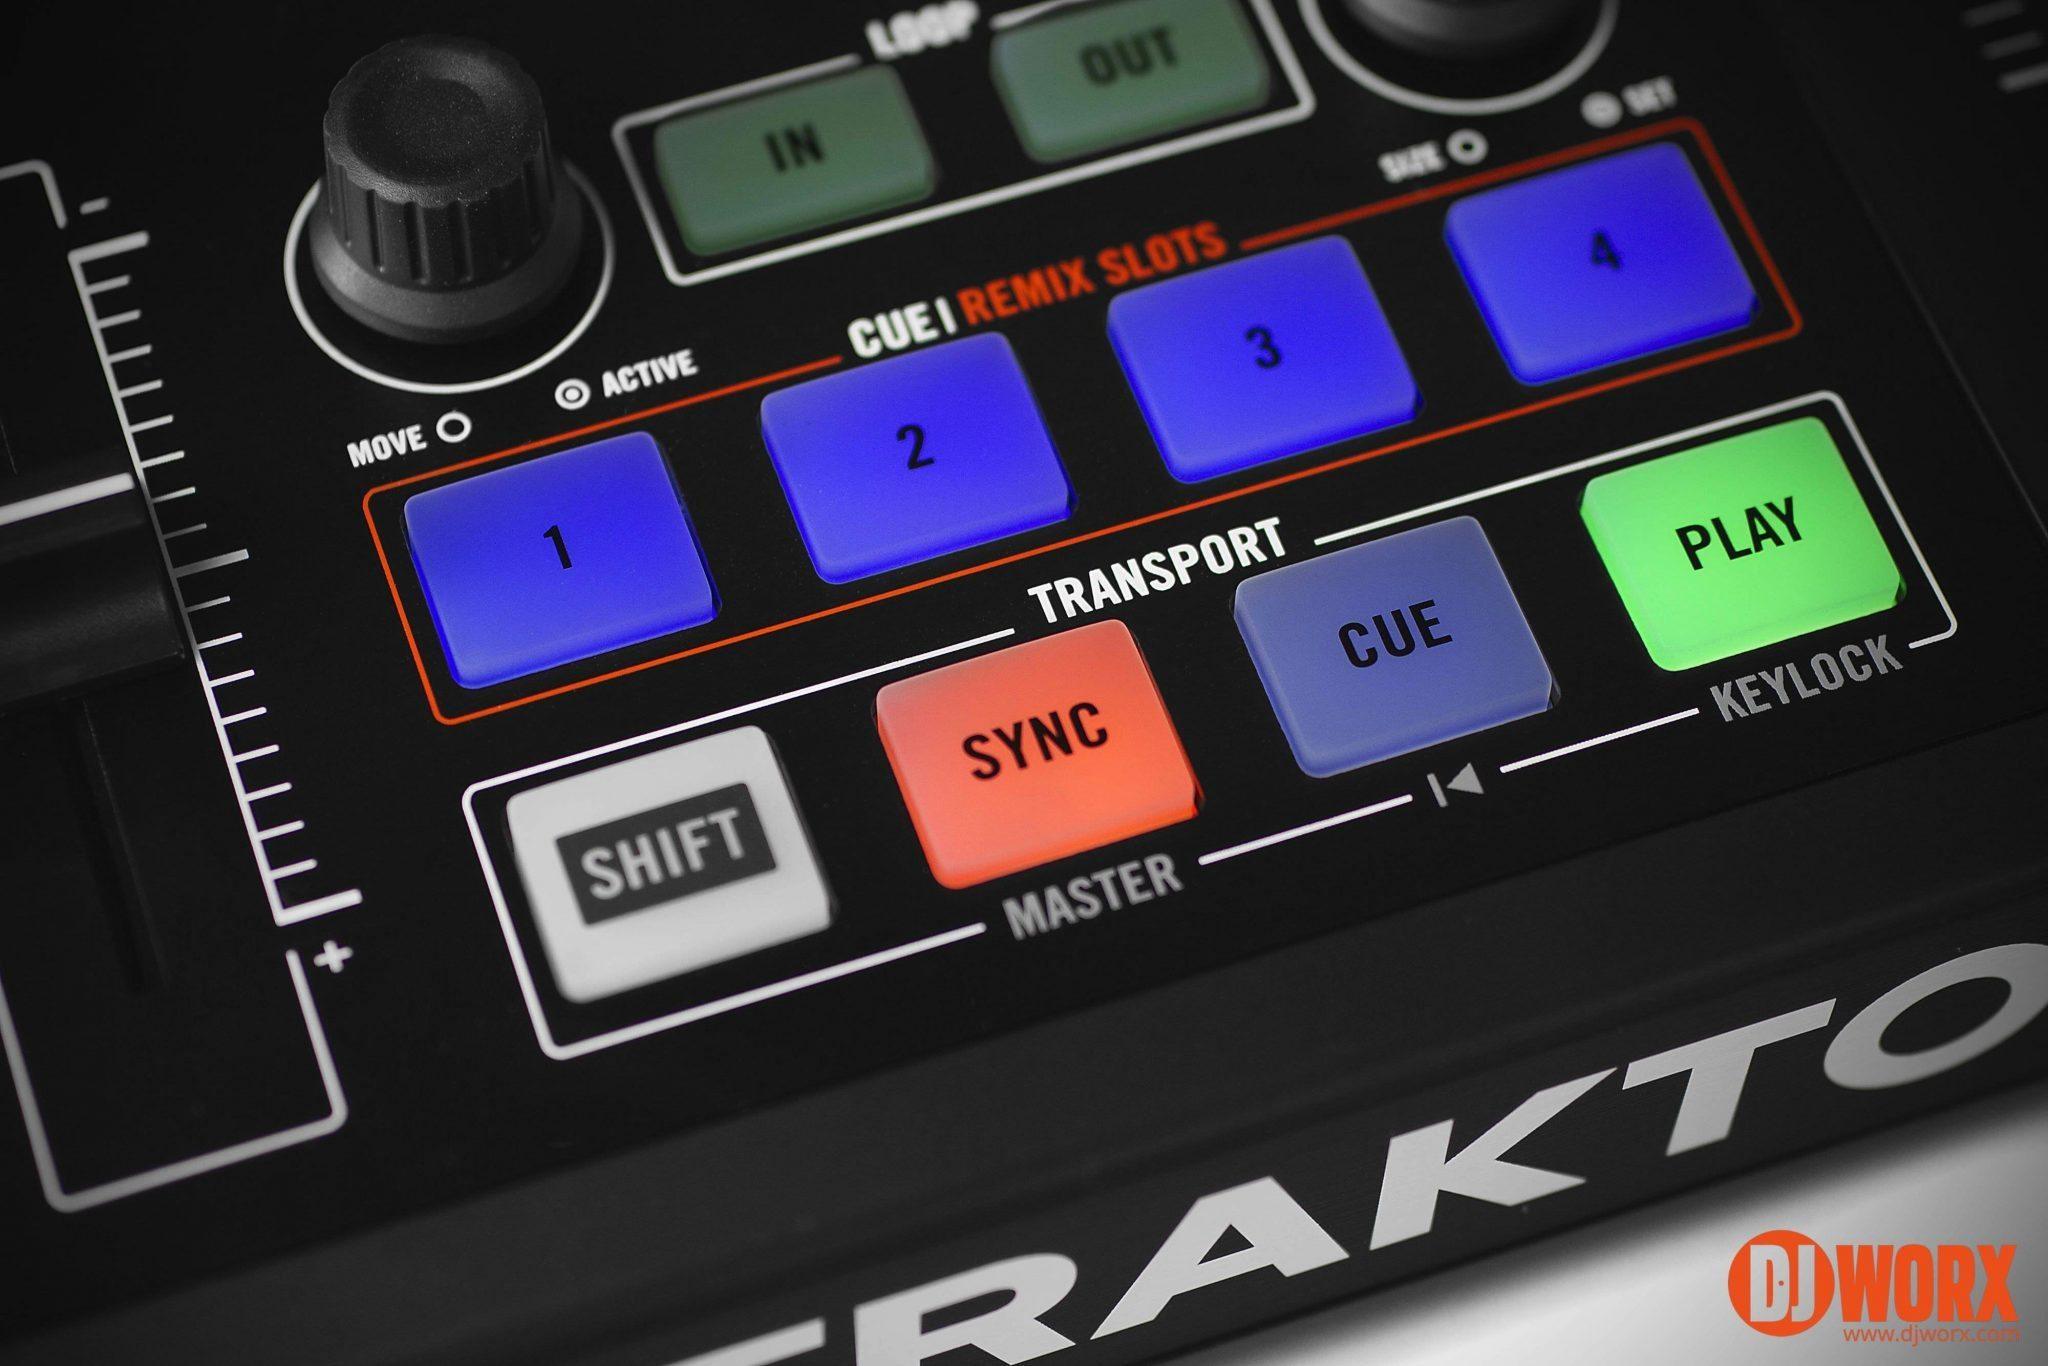 REVIEW: NI Traktor Kontrol S2 MK2 DJ Controller | DJWORX